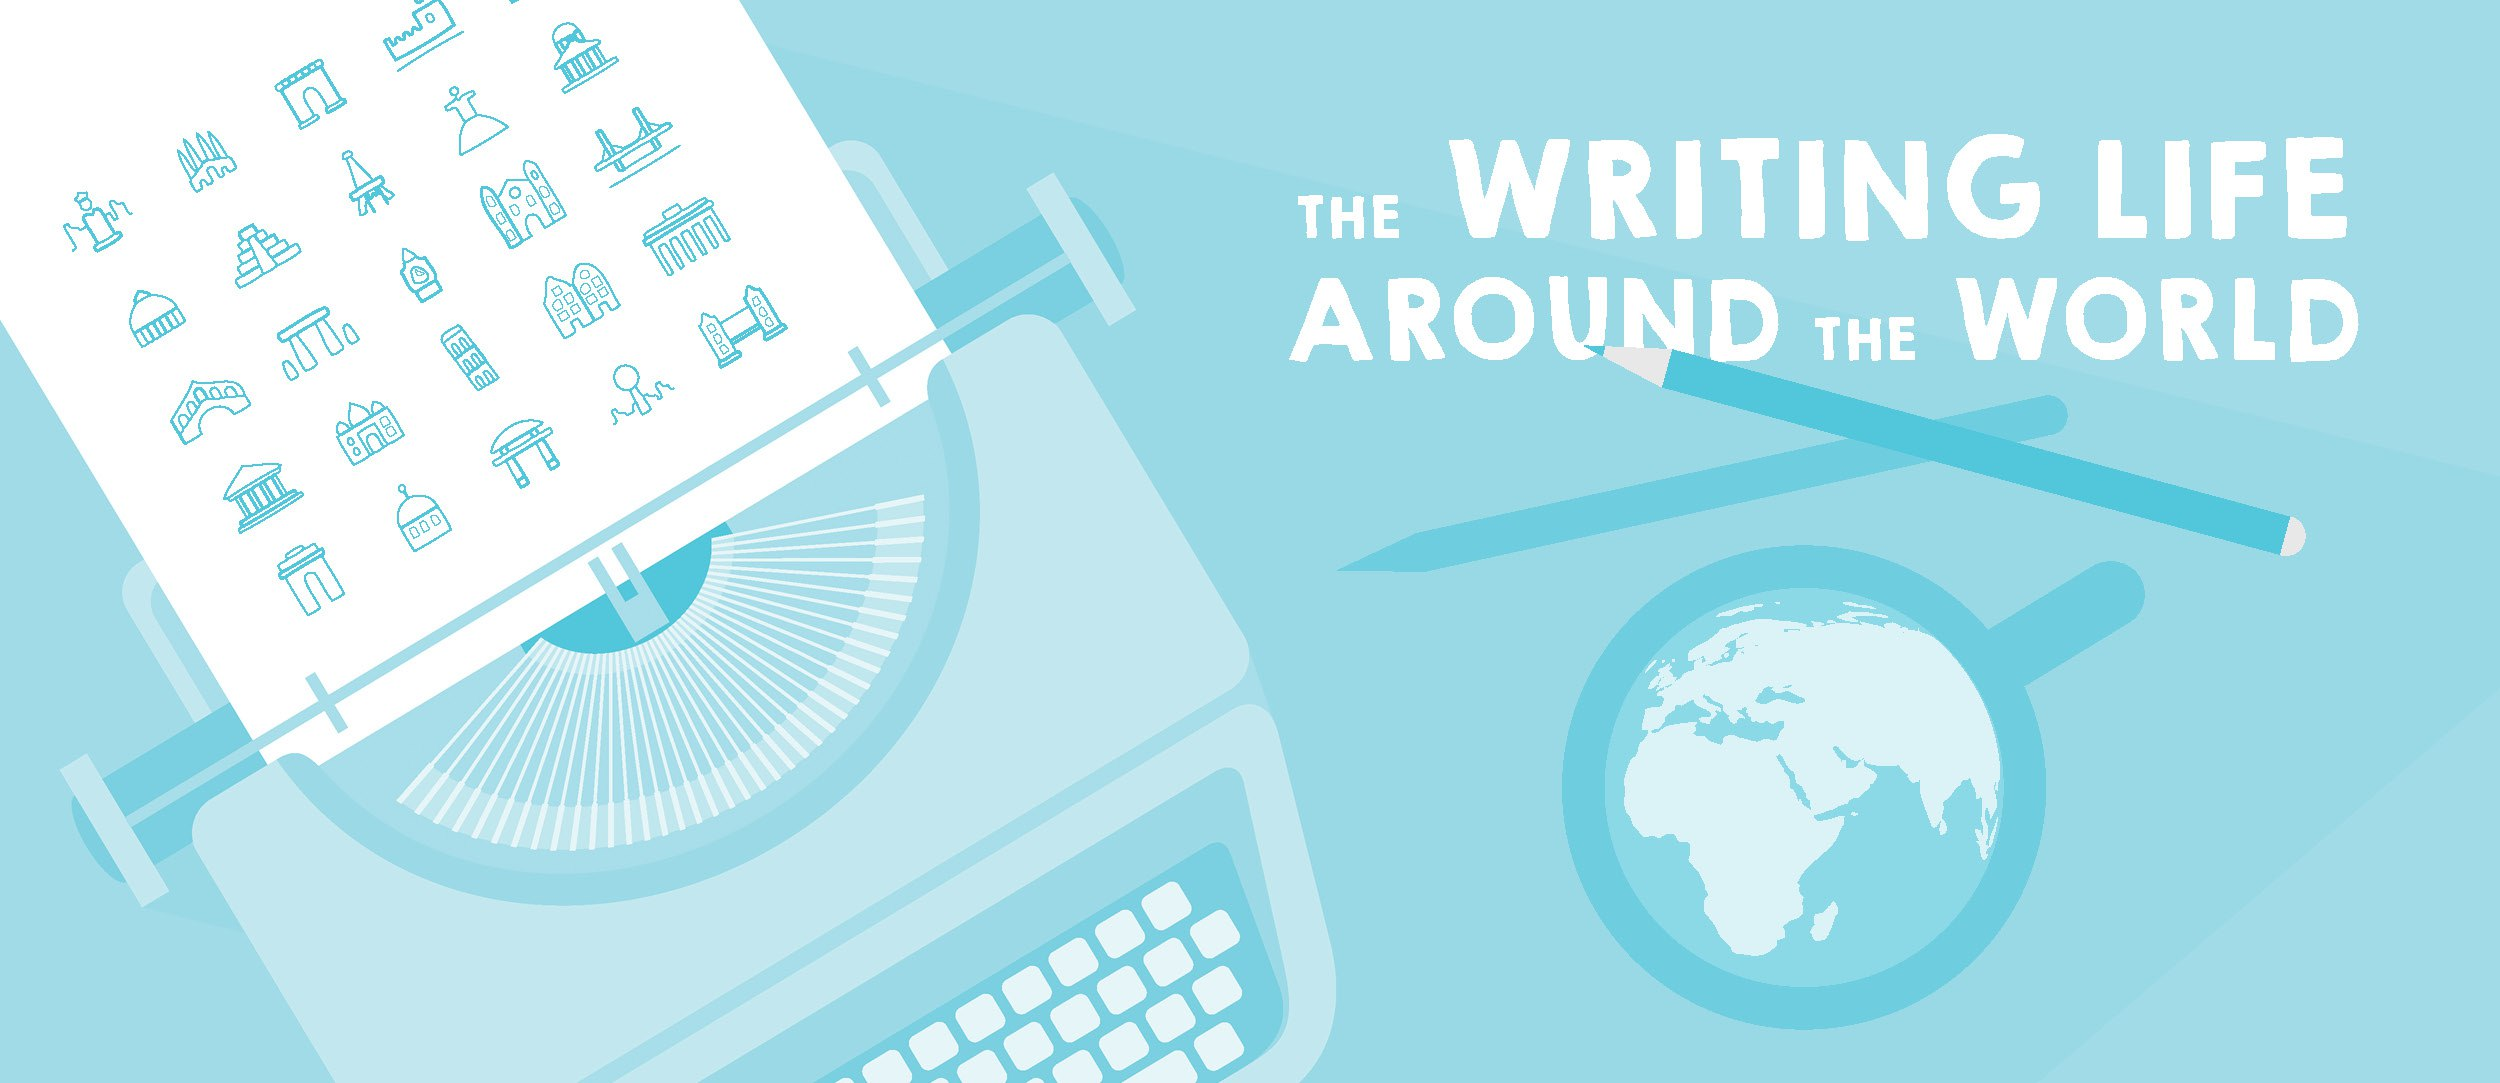 Writing Life Around the World